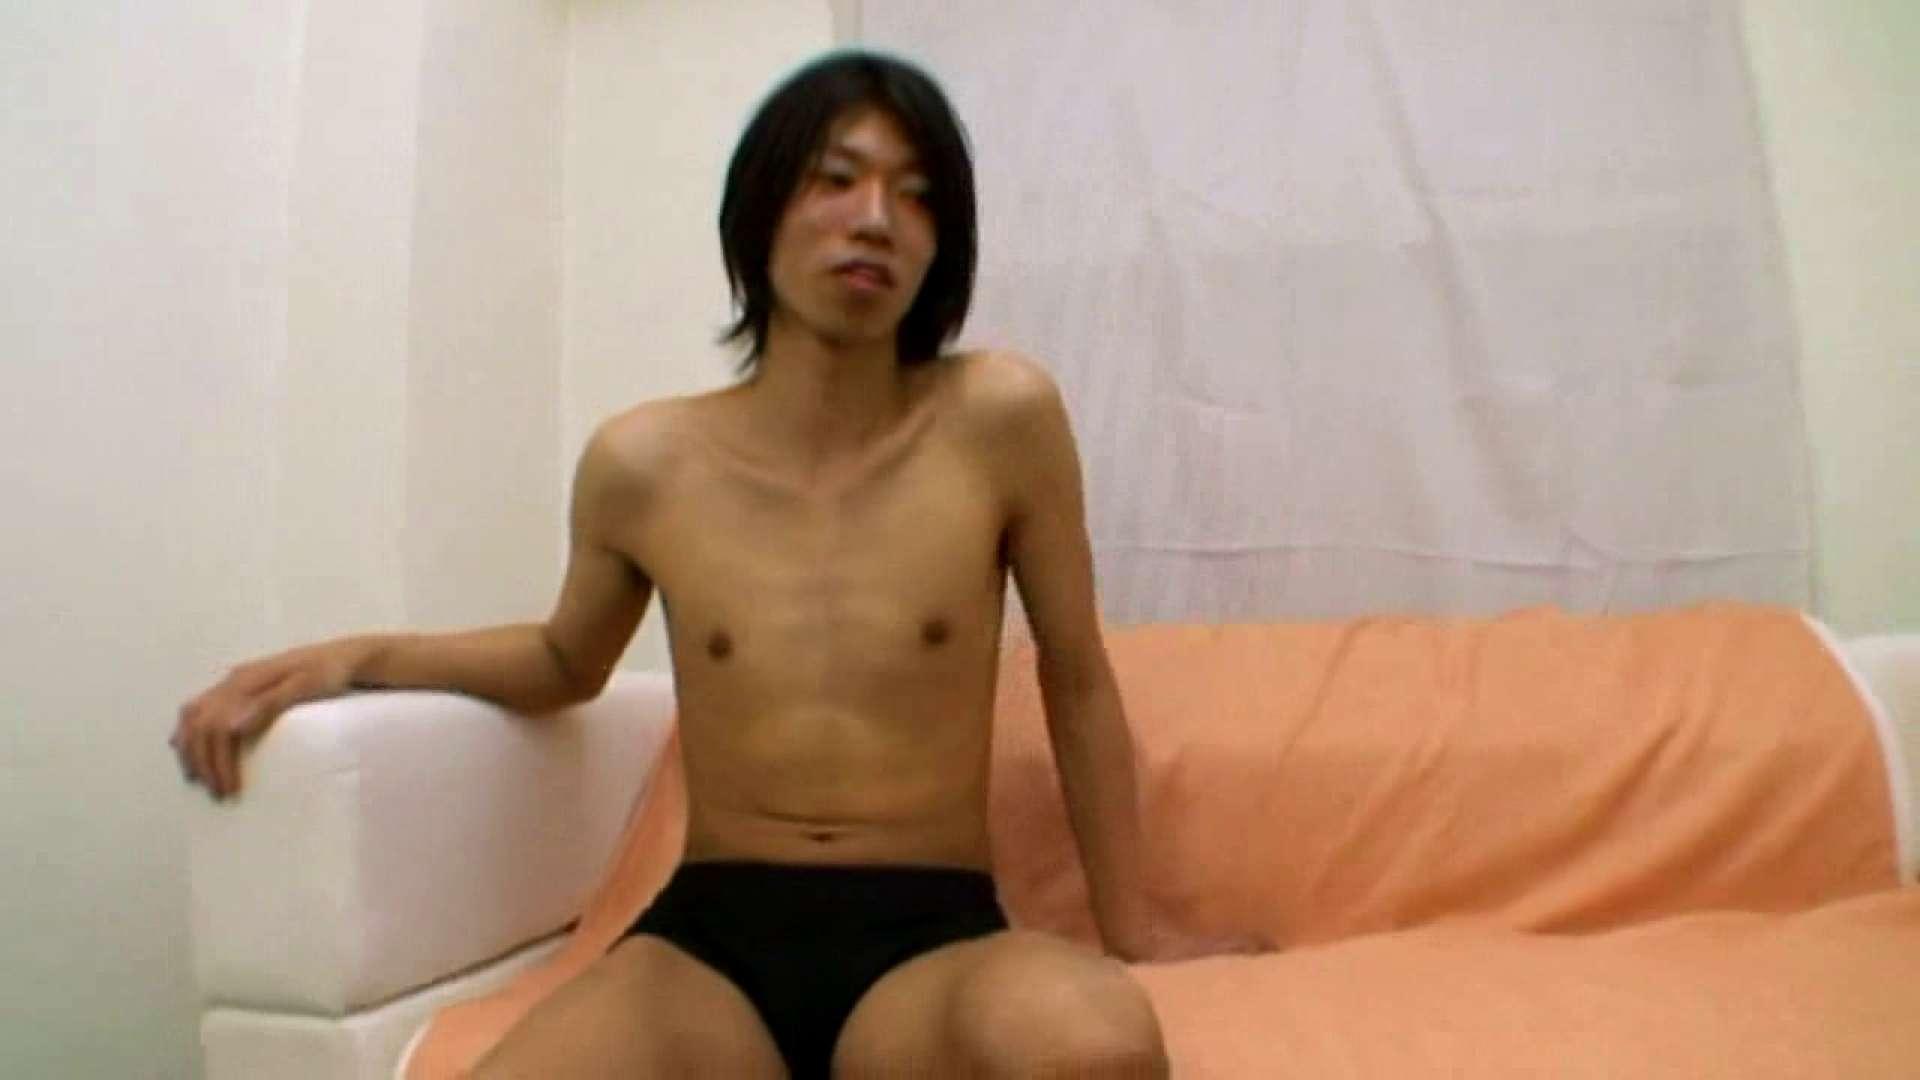 ノンケ!自慰スタジオ No.36 ゲイの自慰 ゲイ丸見え画像 101pic 63